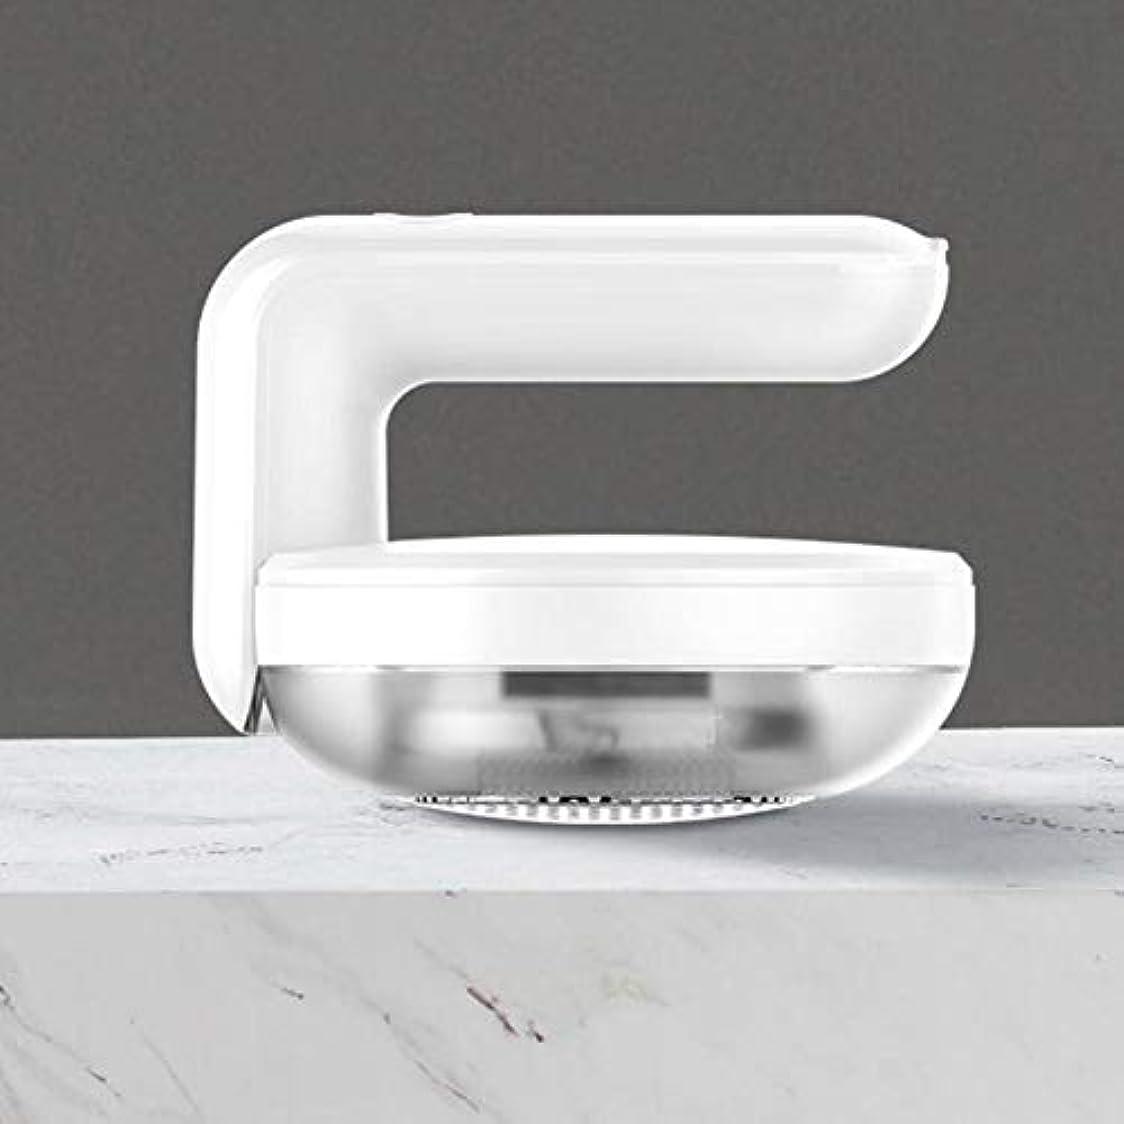 振動させるオーバーフローペナルティ毛玉取り器 毛玉カット 電動 毛玉取り機 USB充電式 6枚刃モデル 高速回転